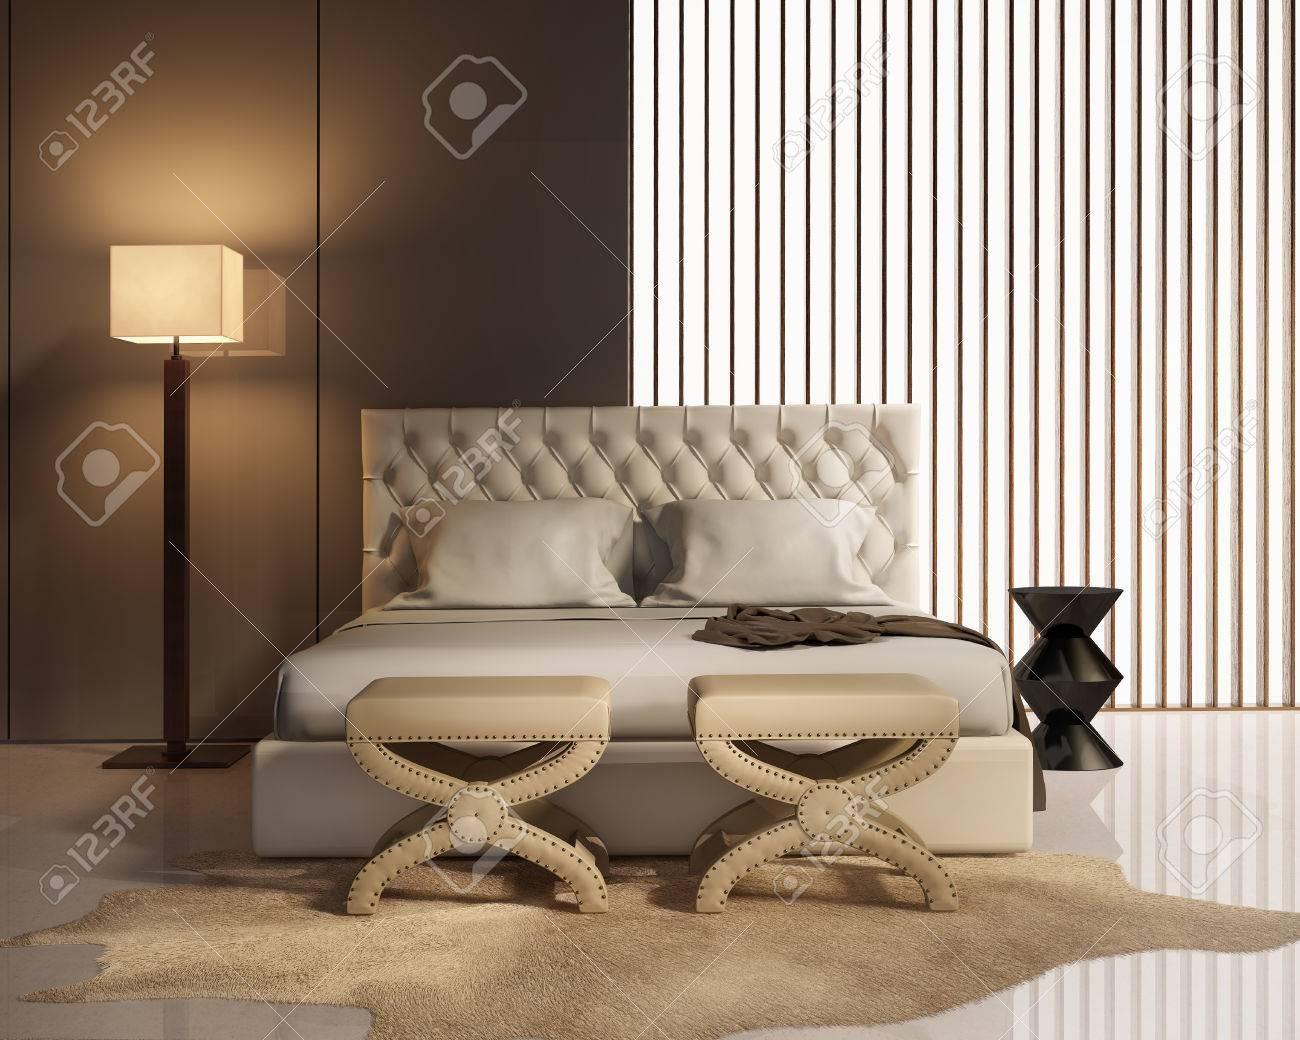 27207276-hedendaagse-elegante-luxe-slaap